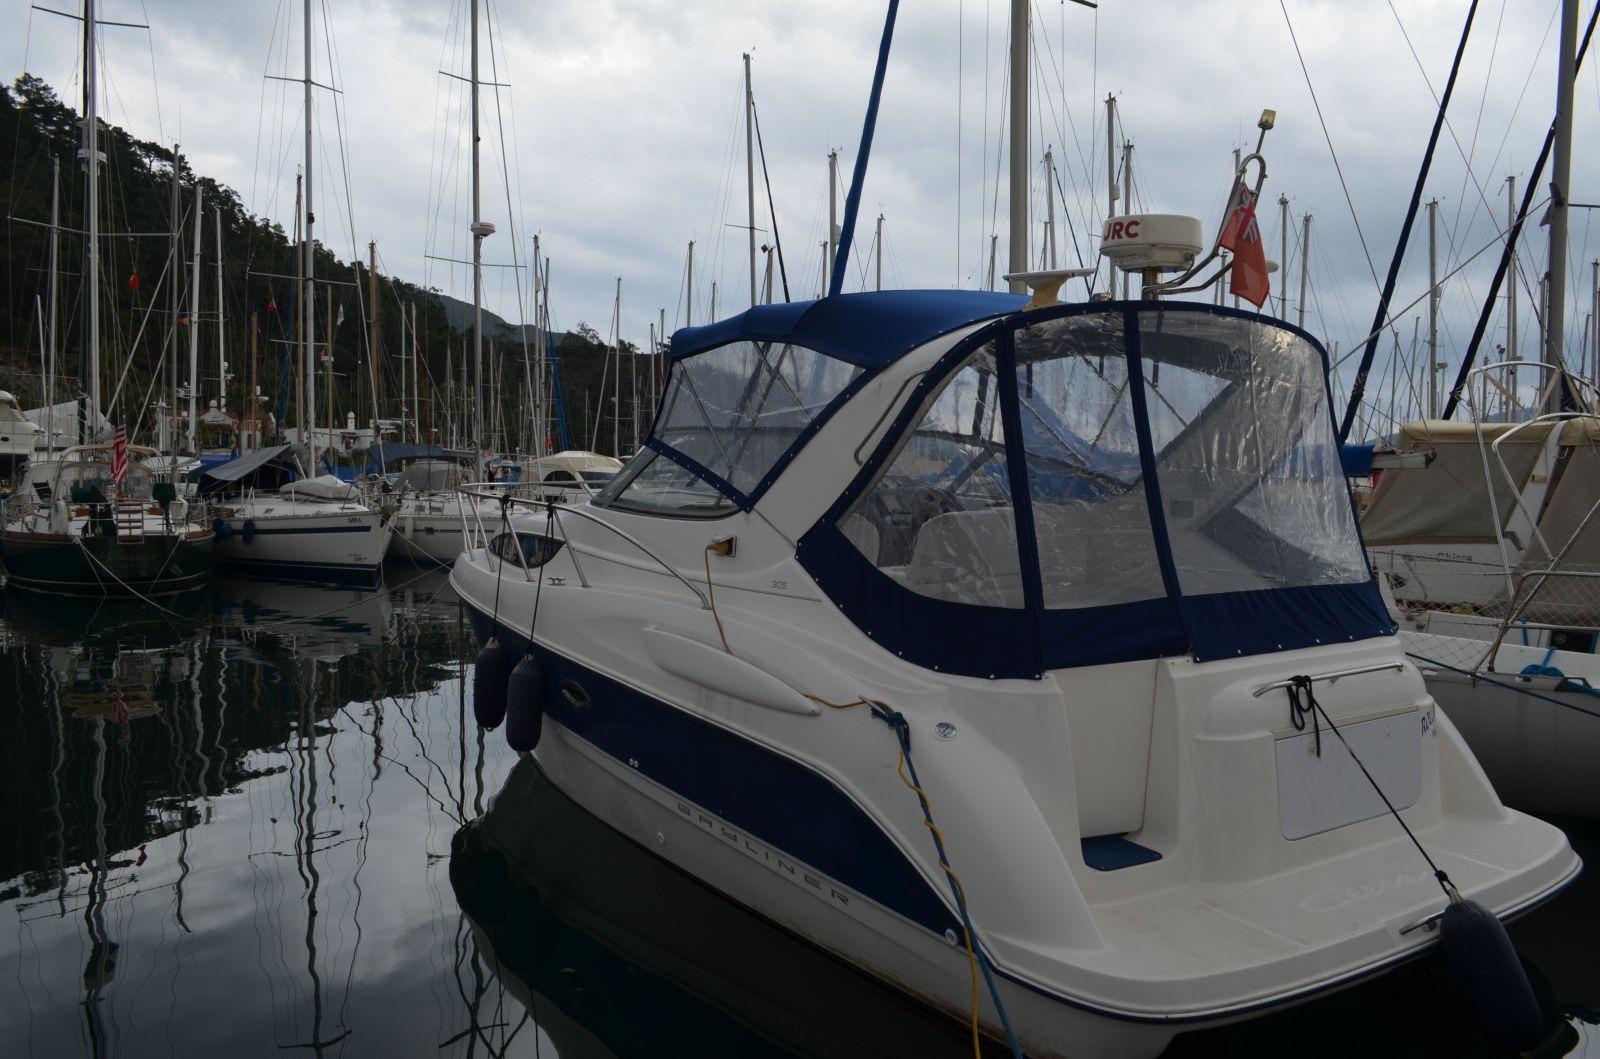 2003 Bayliner Ciera 305 Power Boat For Sale Www